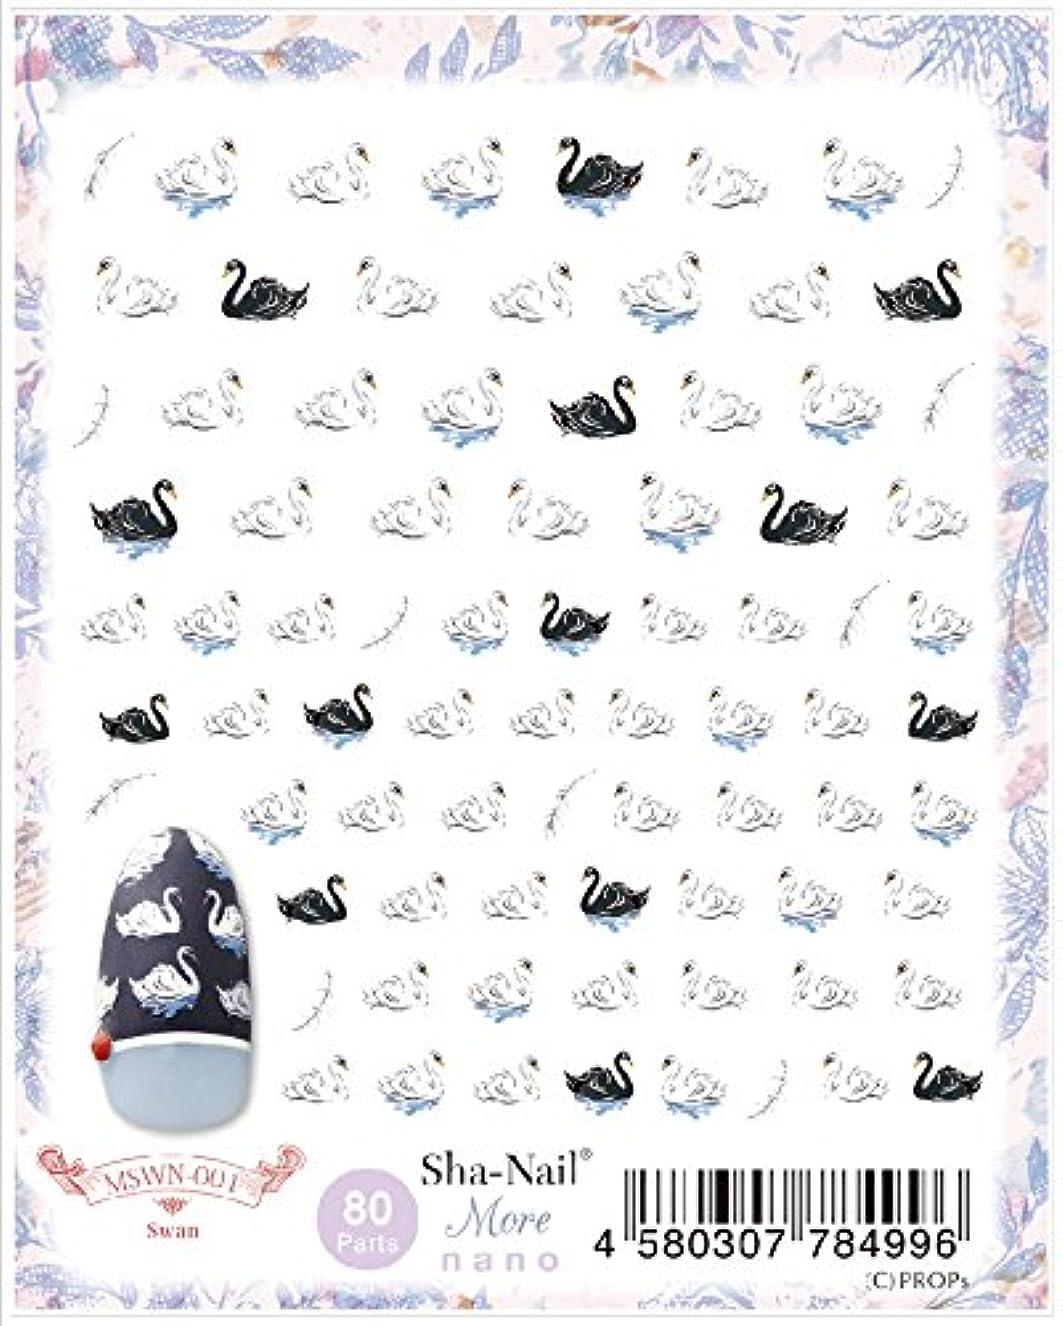 薬を飲むコアピークSha-Nail More ネイルシール 【nano】スワン MSWN-001 アート材